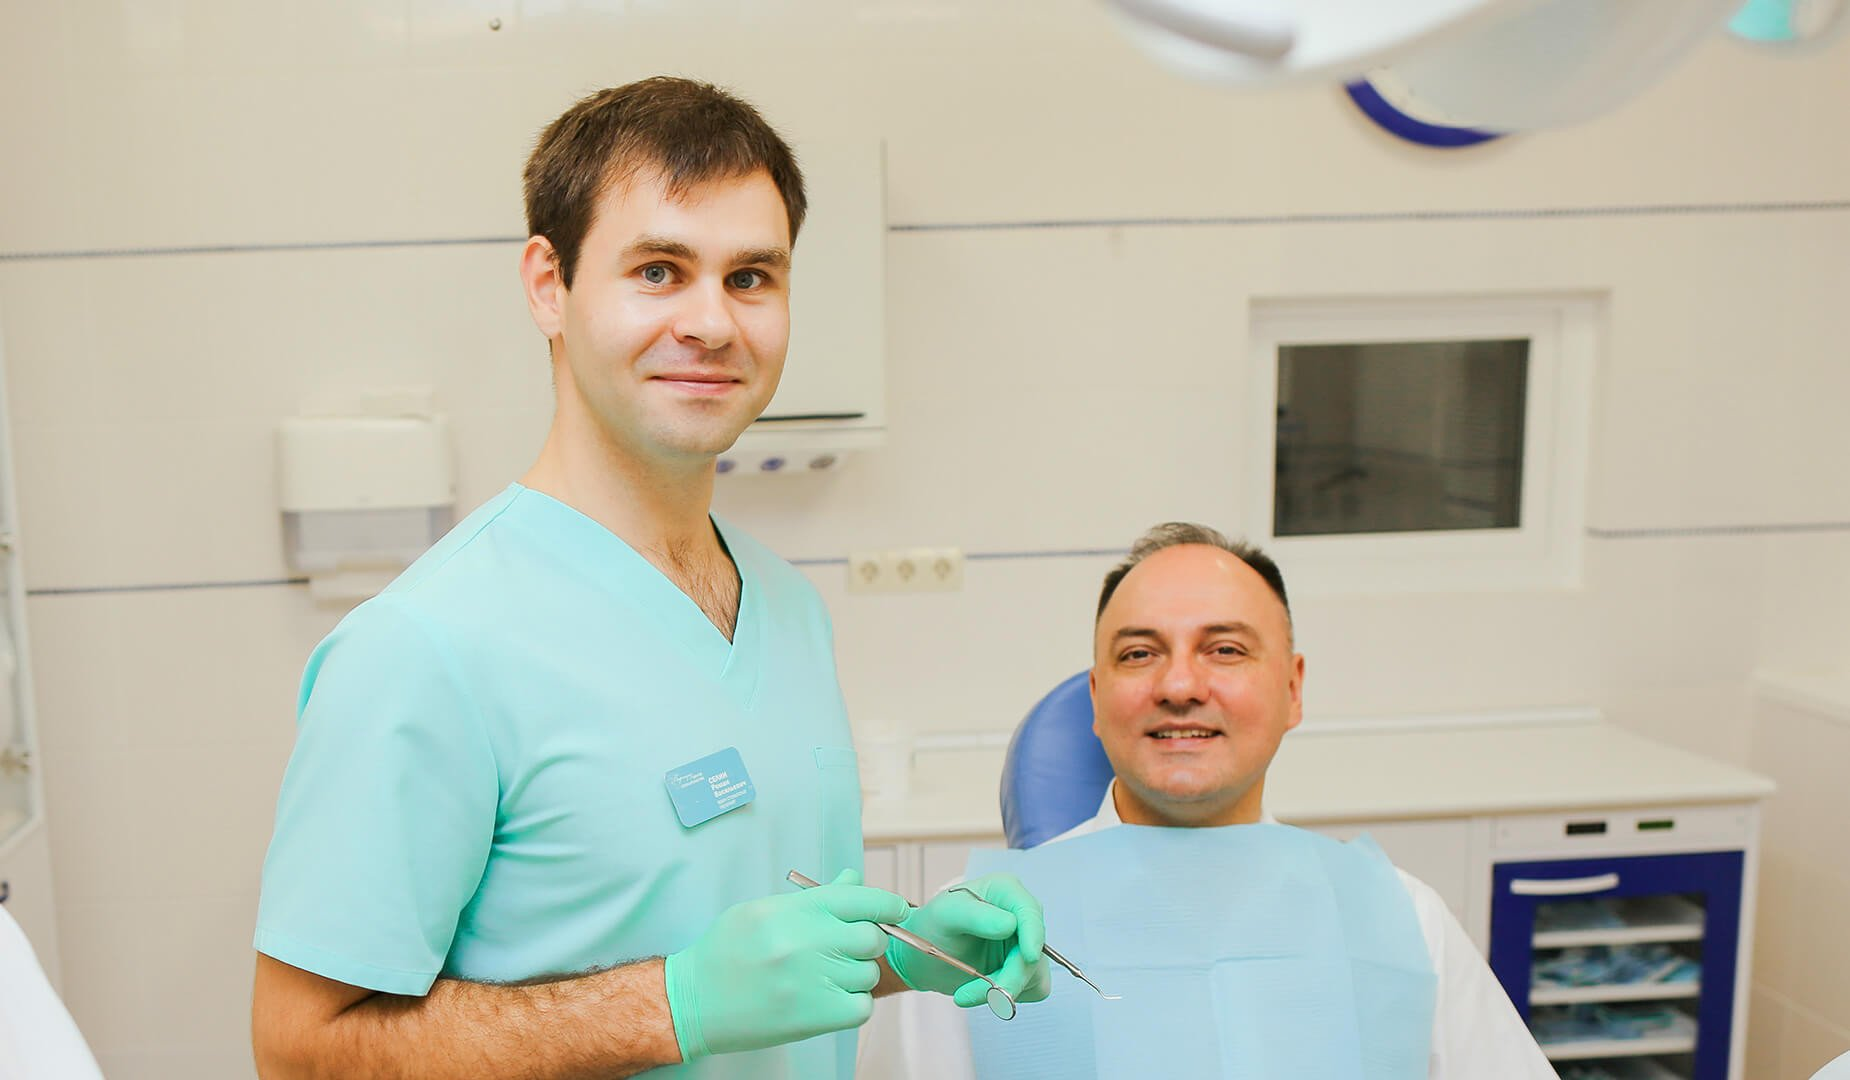 Пациент с врачом-ортопедом